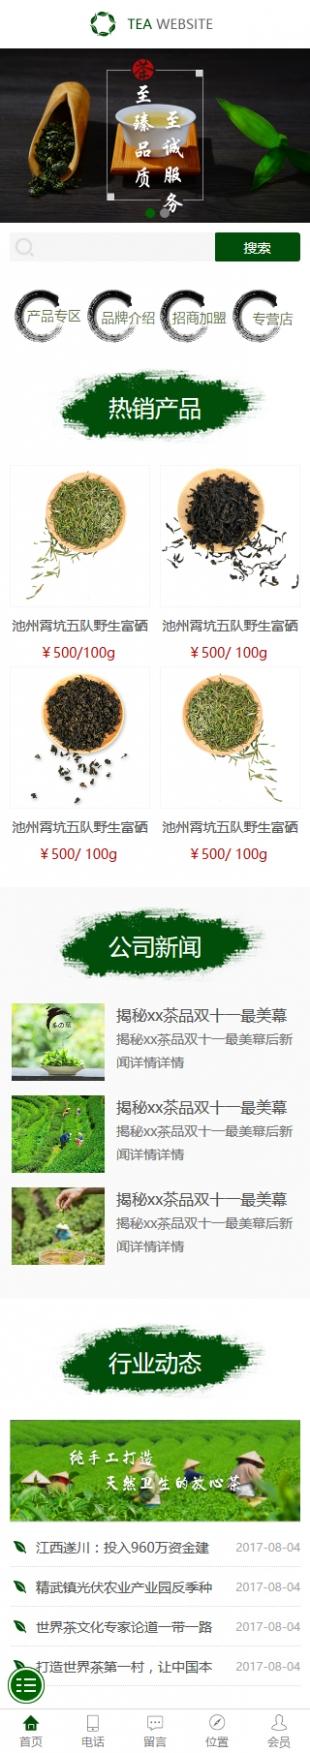 茶叶类网站通用模板手机图片